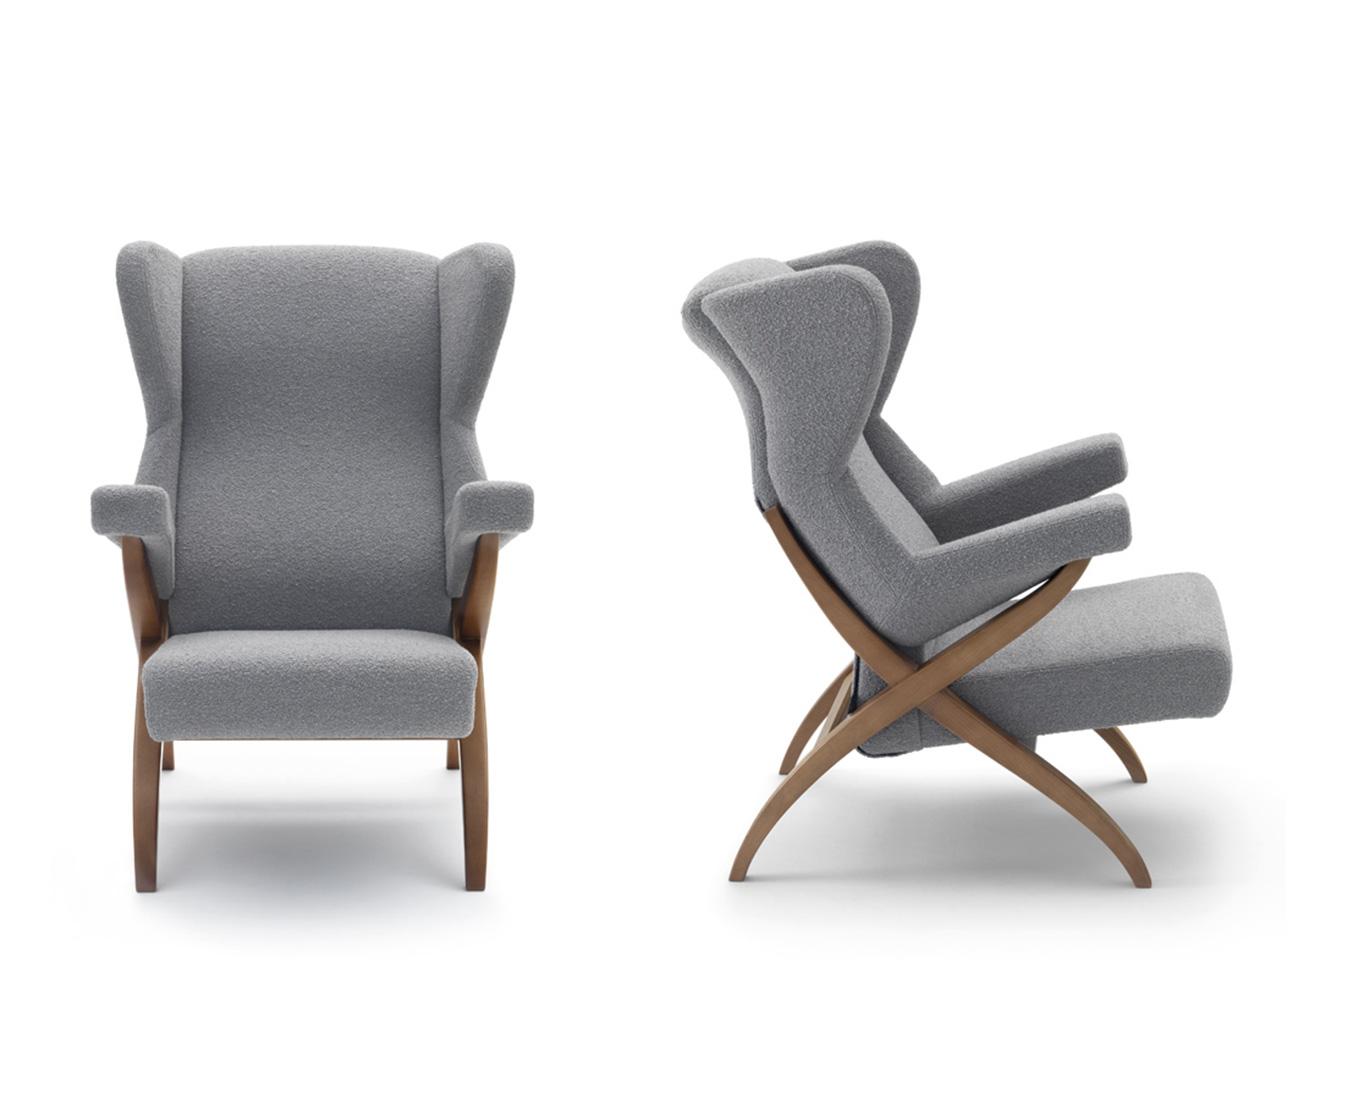 TinnappelMetz-arflex-fiorenza-armchair-03